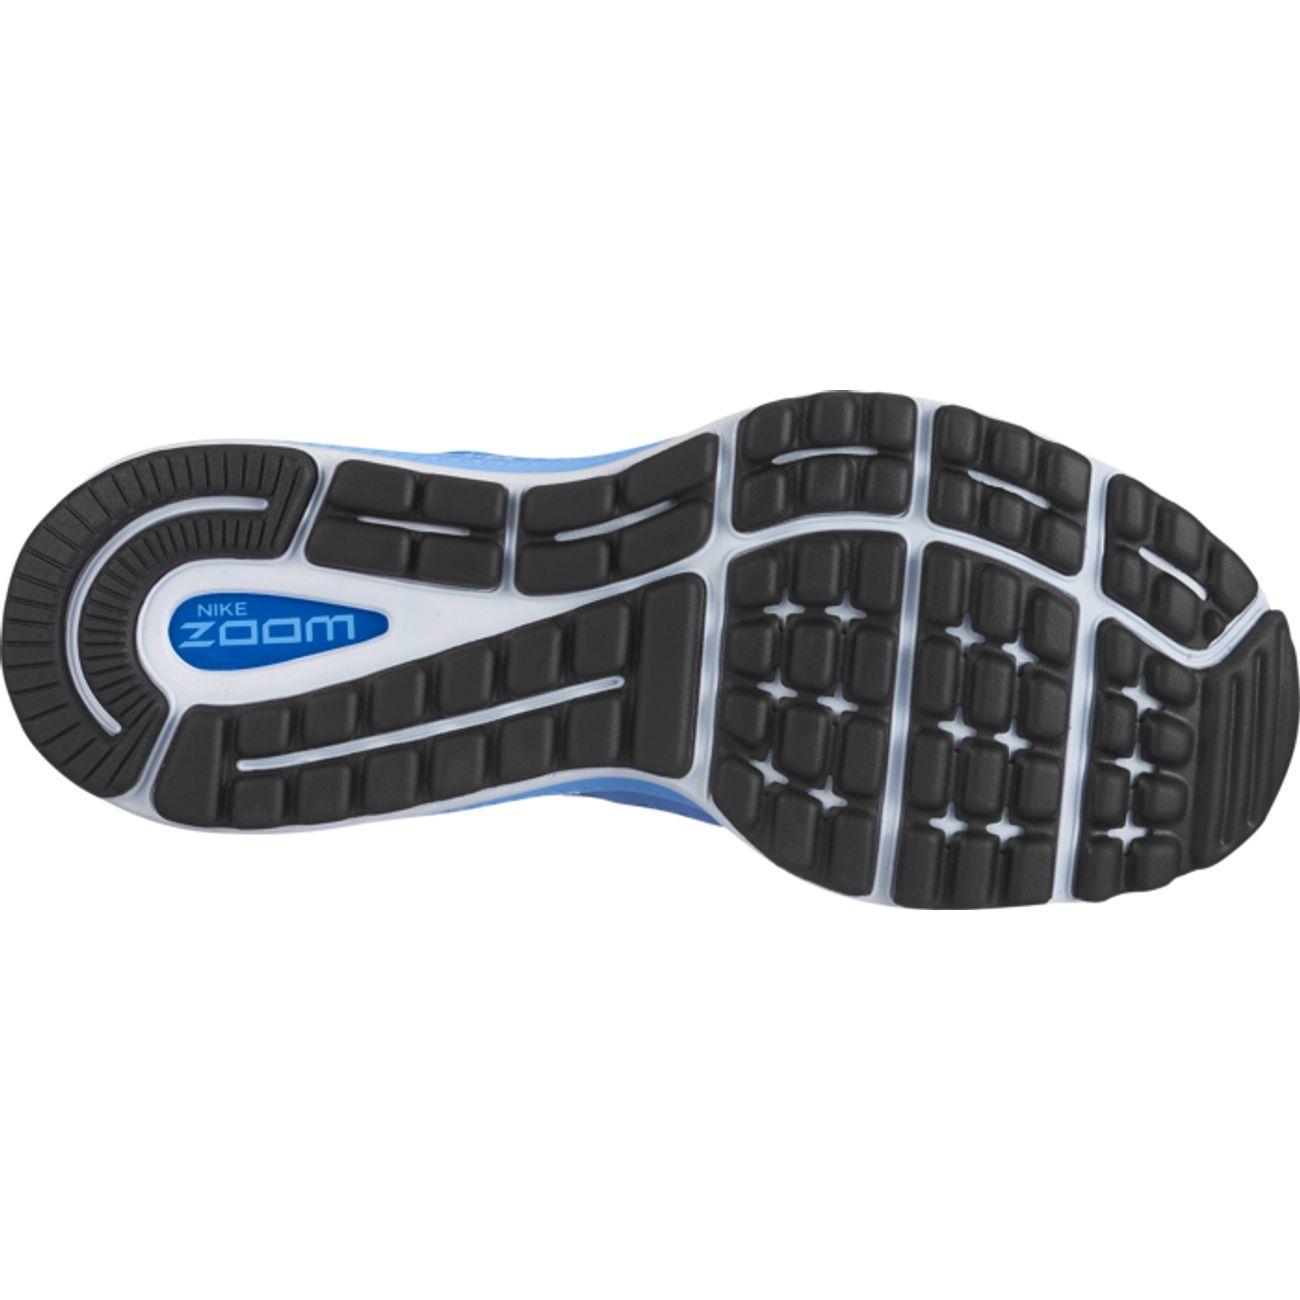 3e72bc2b616 ... Chaussures Running running femme NIKE AIR ZOOM VOMERO 13 W